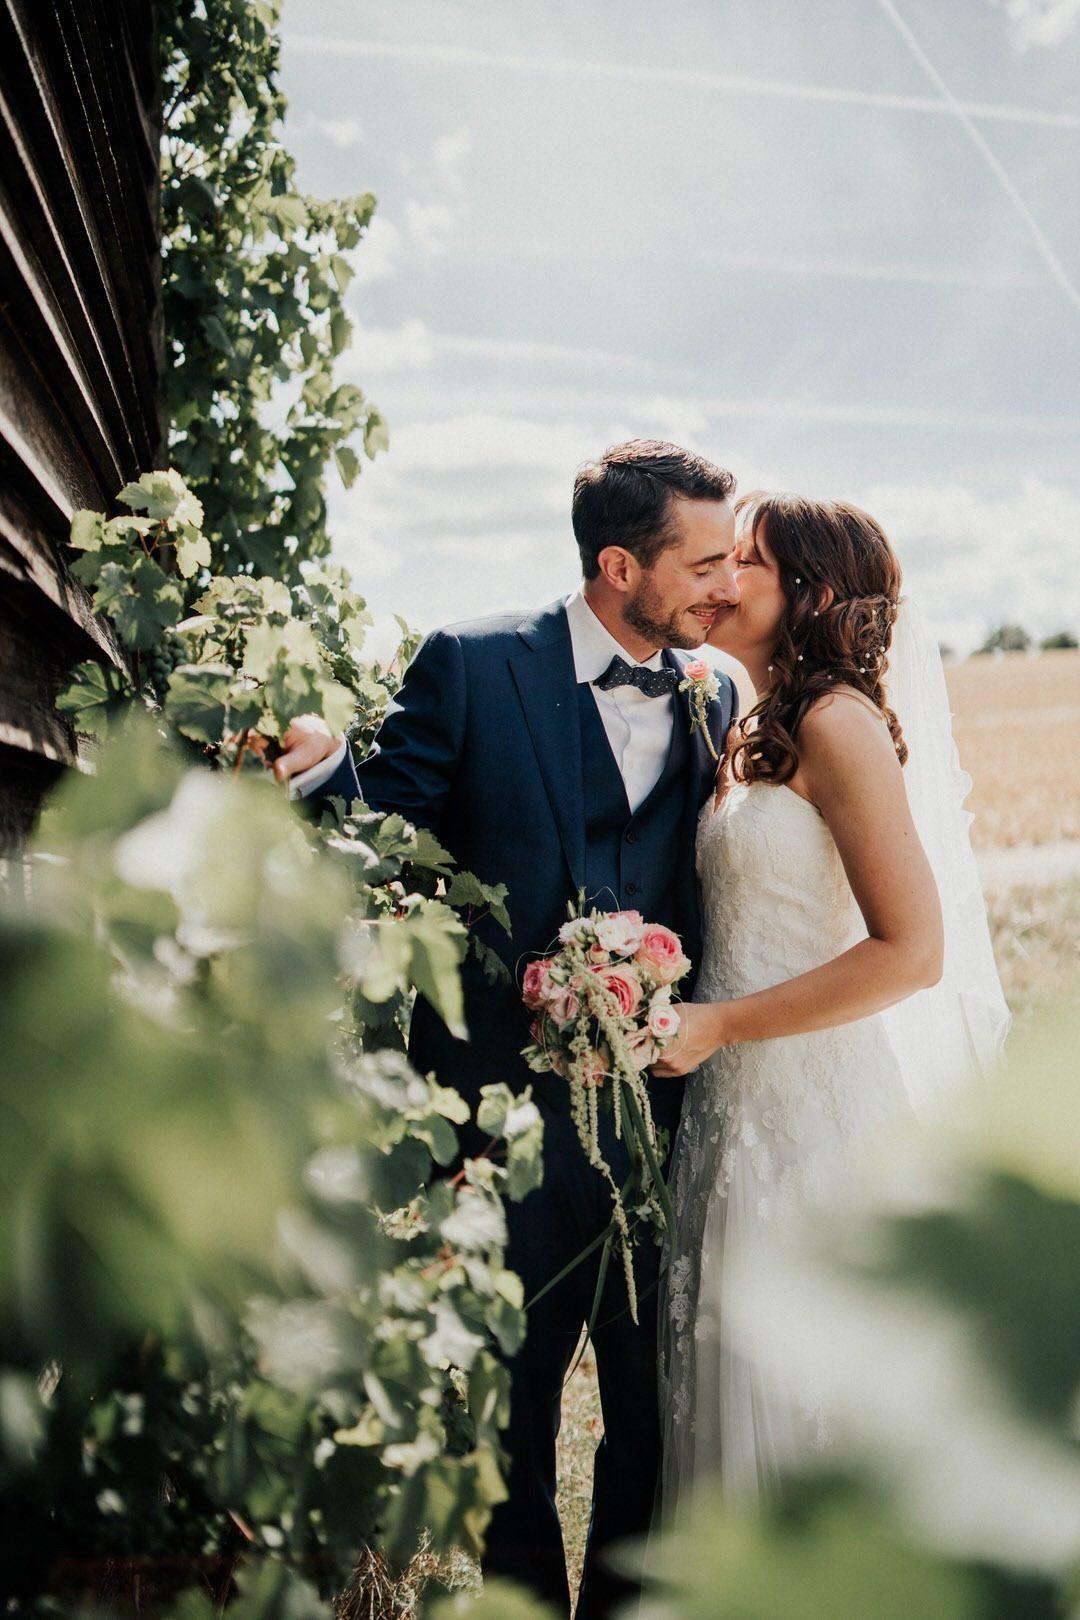 Hochzeitsbilder vor Weinreben bei einer alten Scheune nahe Wiesbaden